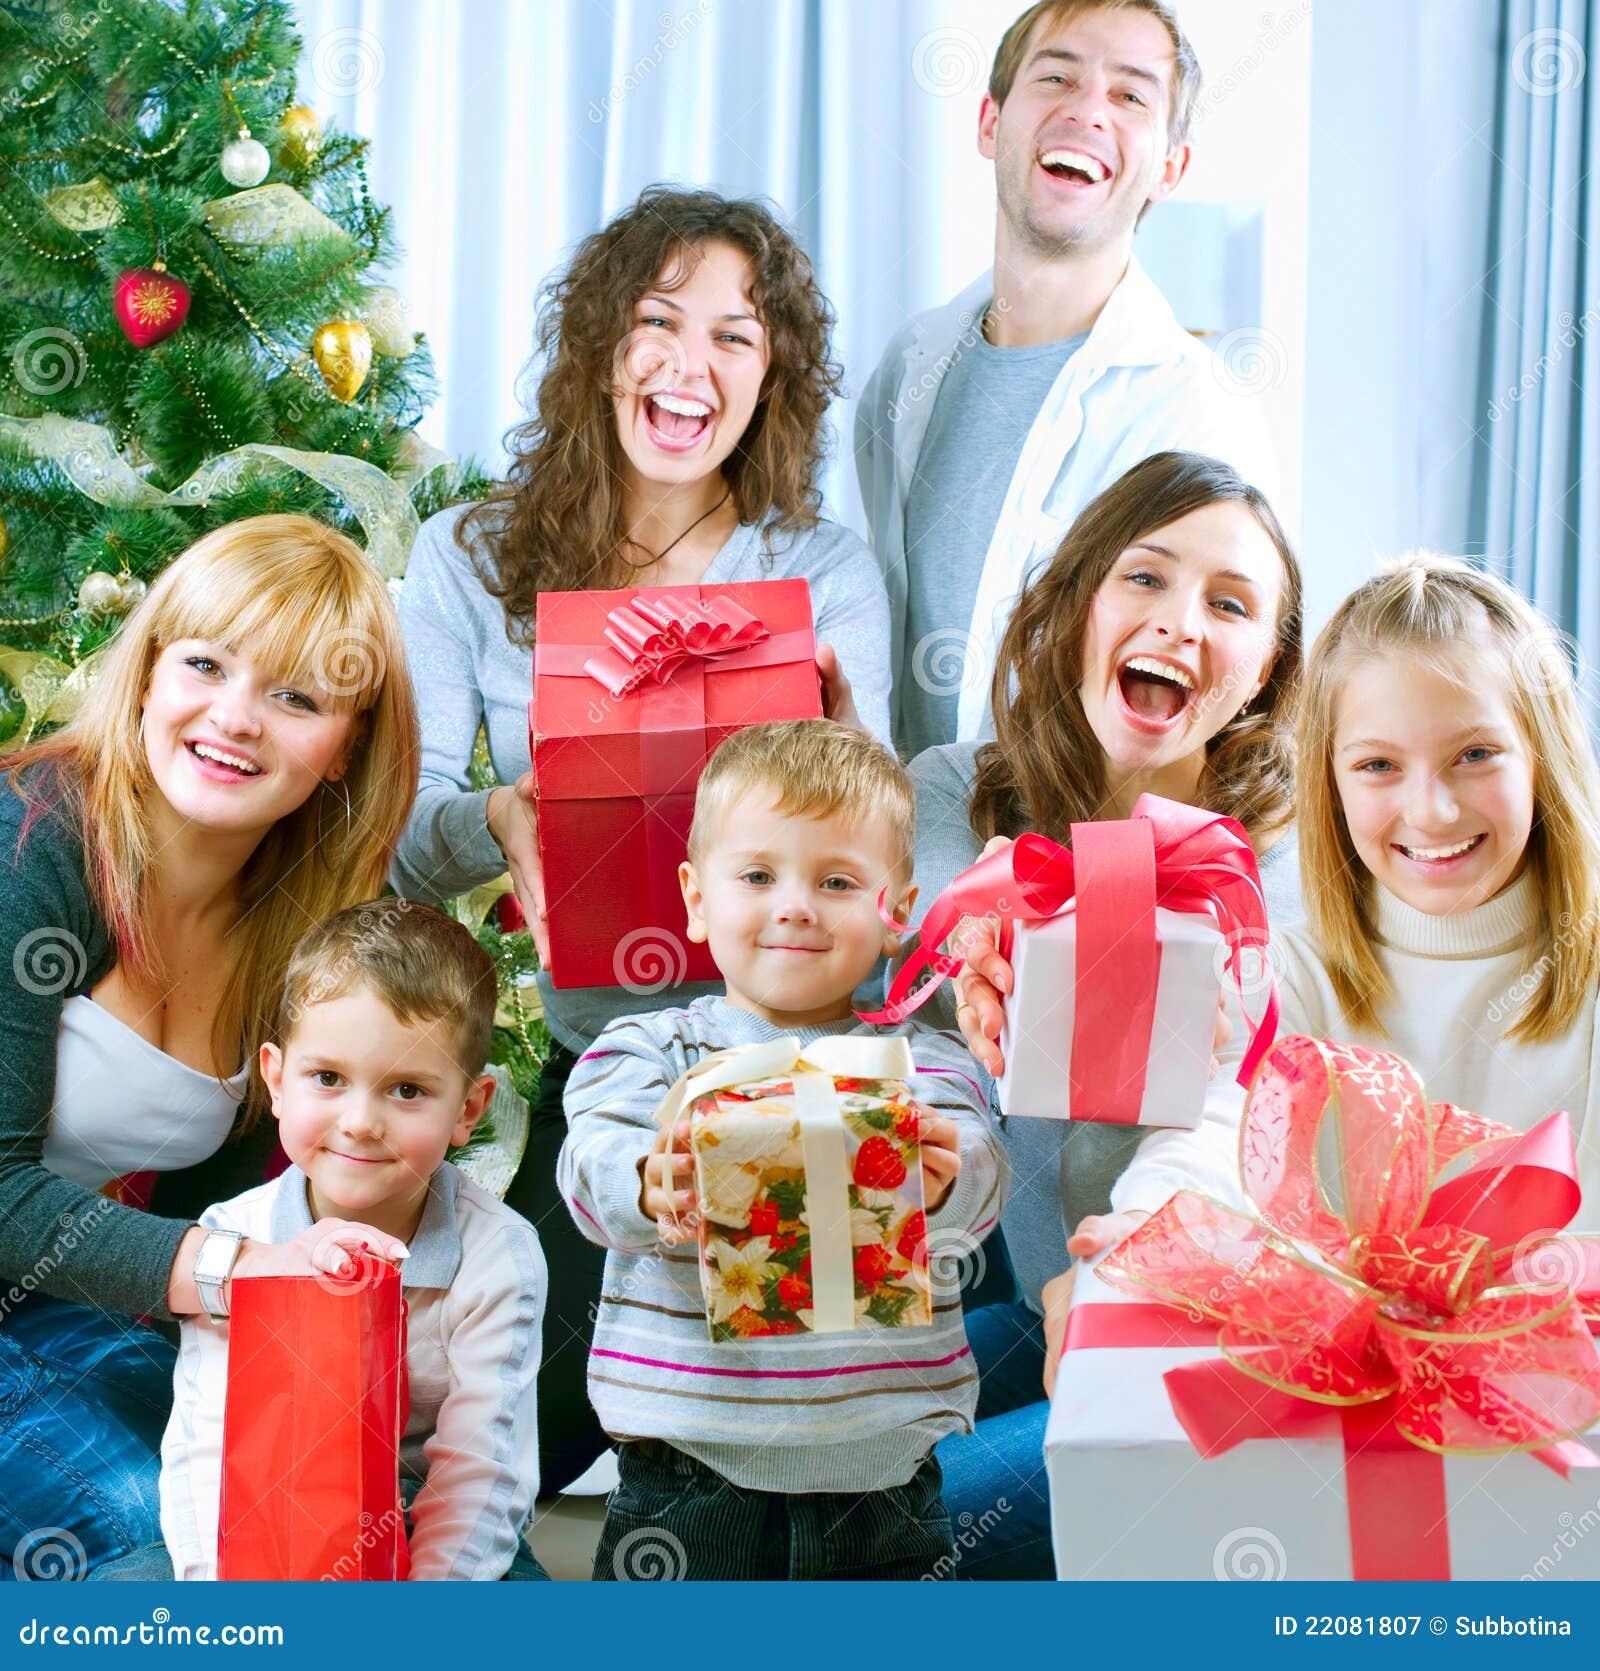 Glückliche Familie, Die Christmas.Gifts Feiert Stockbild - Bild von ...